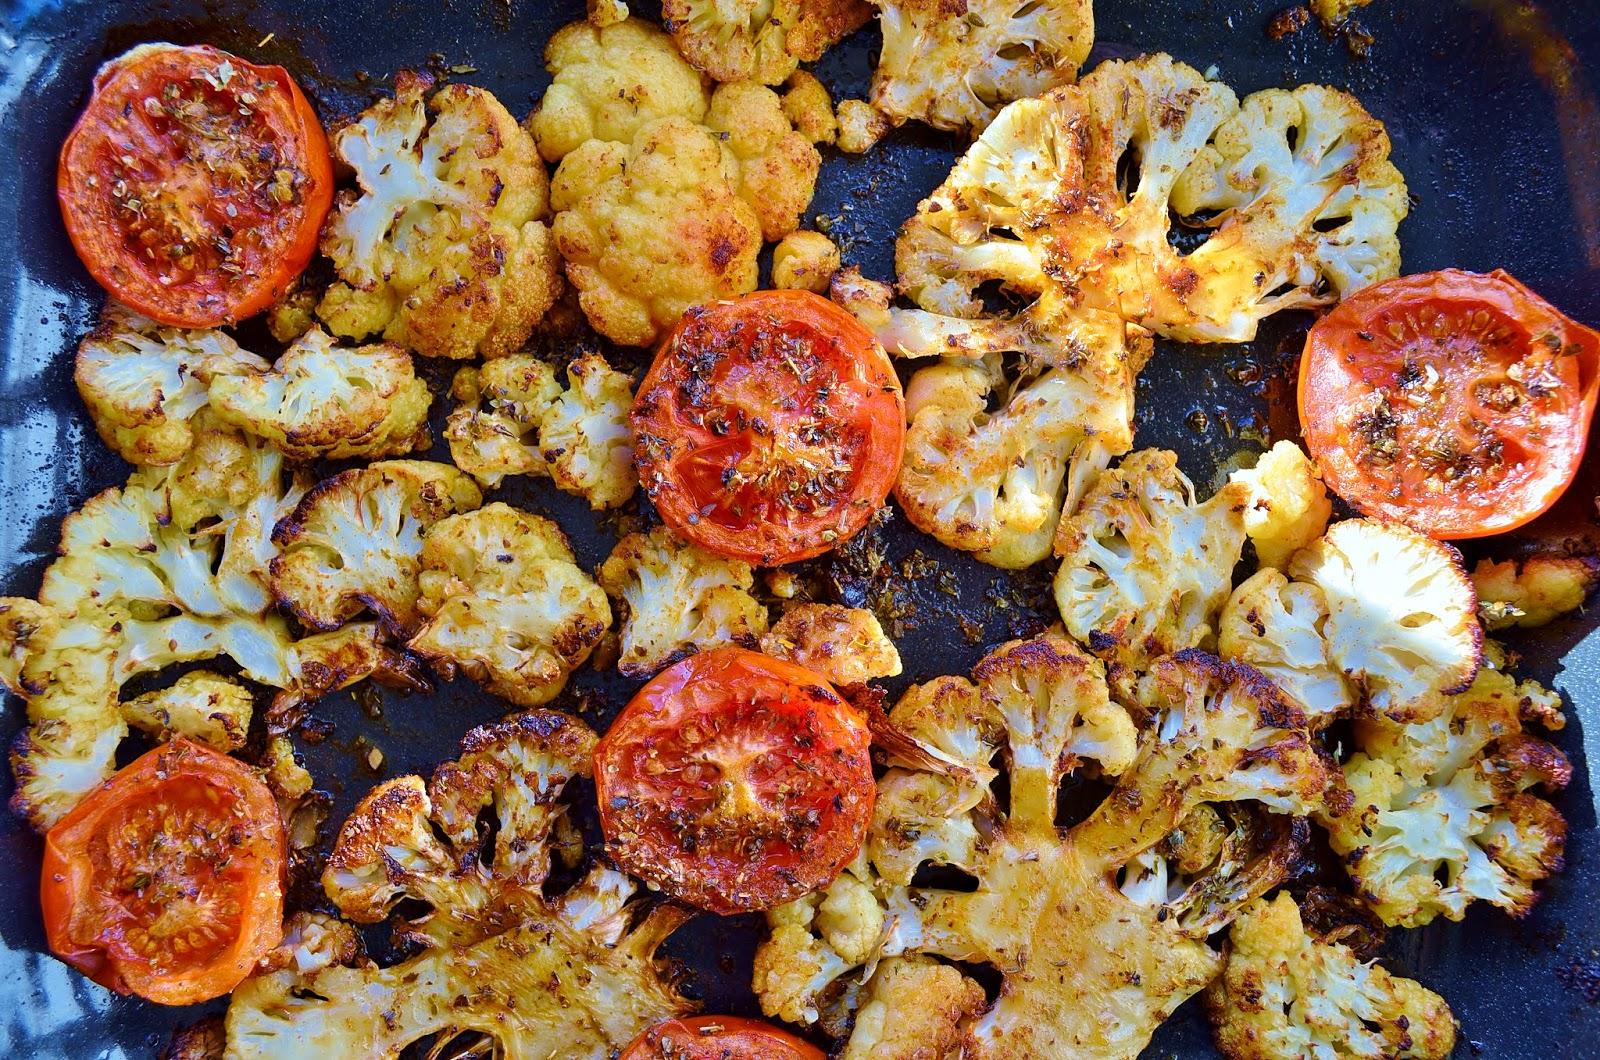 Roasted Cauliflower with Paprika and Oregano